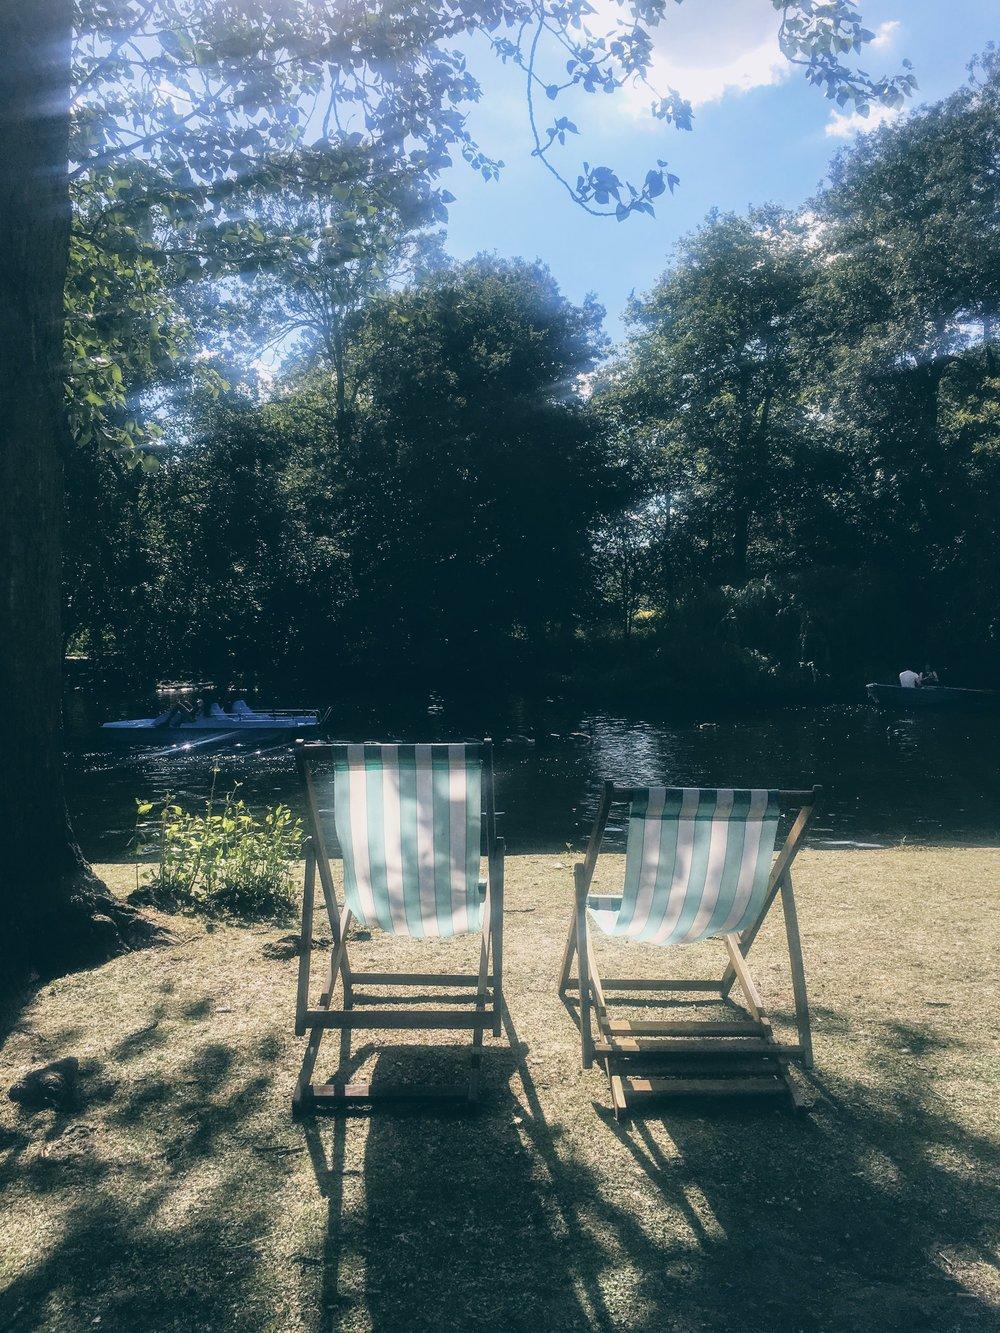 Deck chairs at Regent's Park